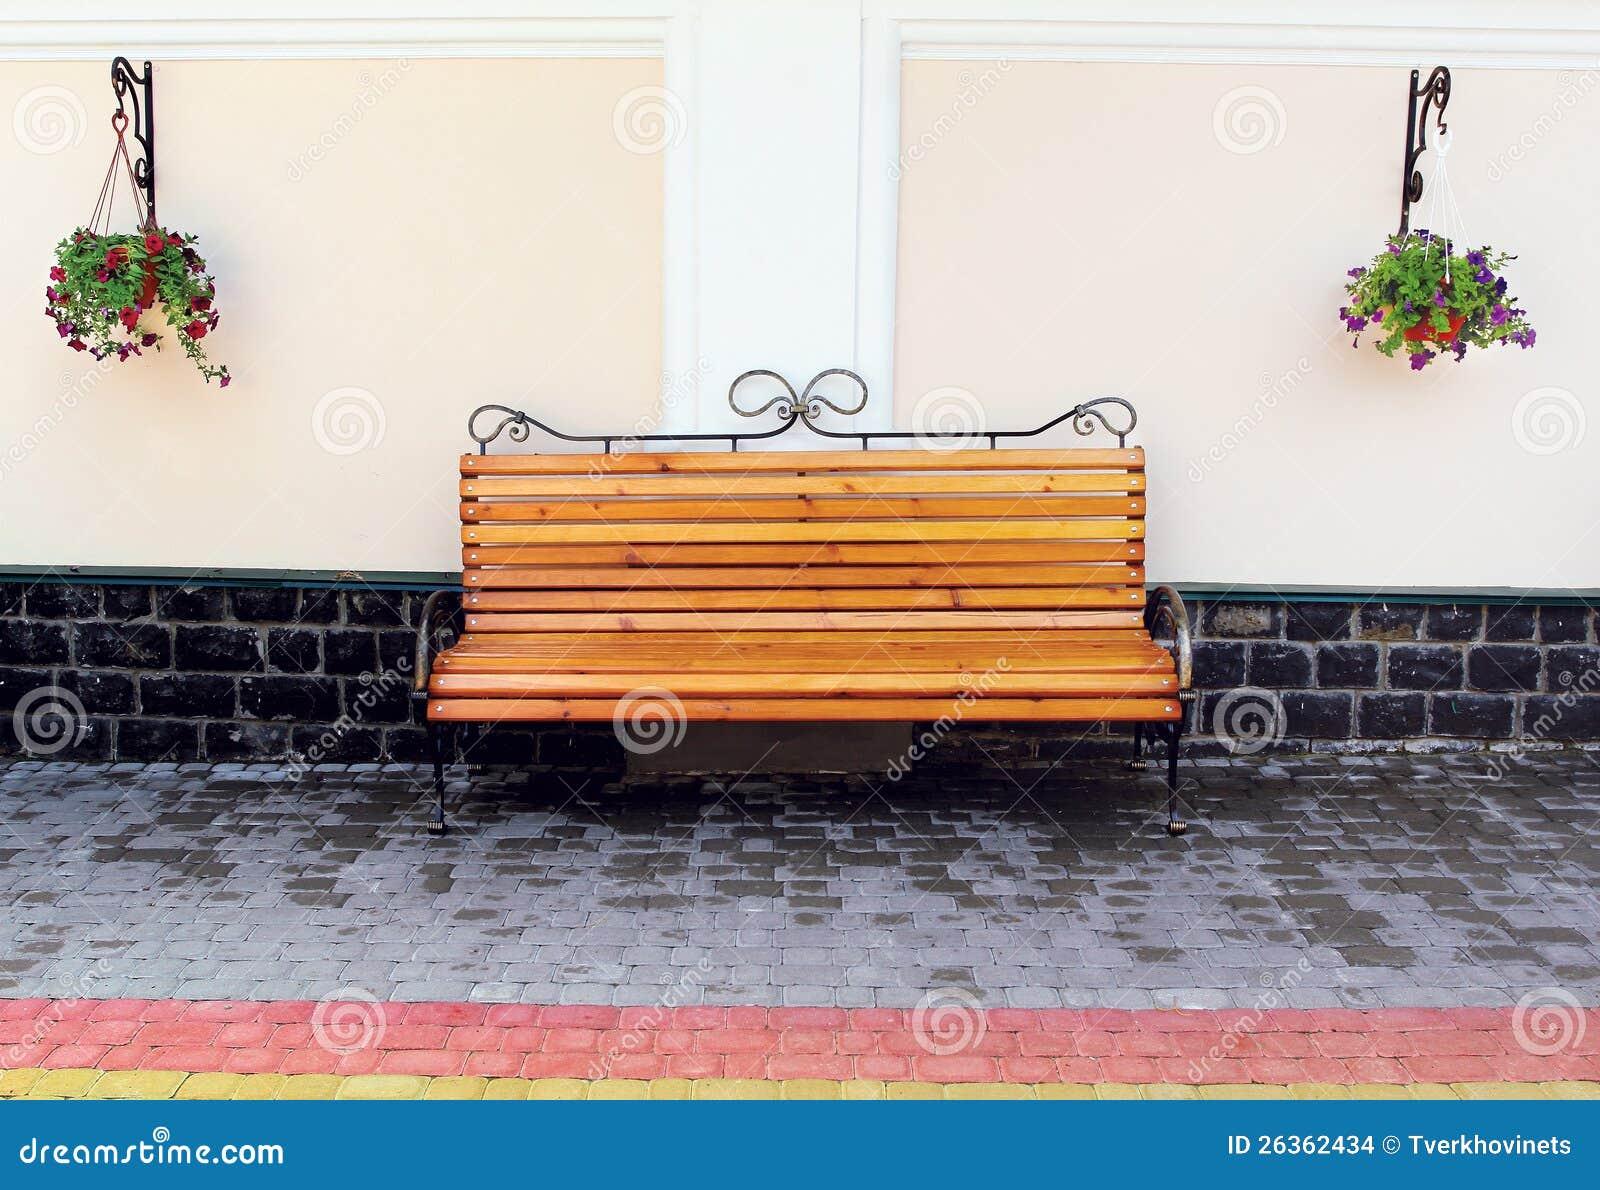 Sitzen Sie sich hin und entspannen Sie sich